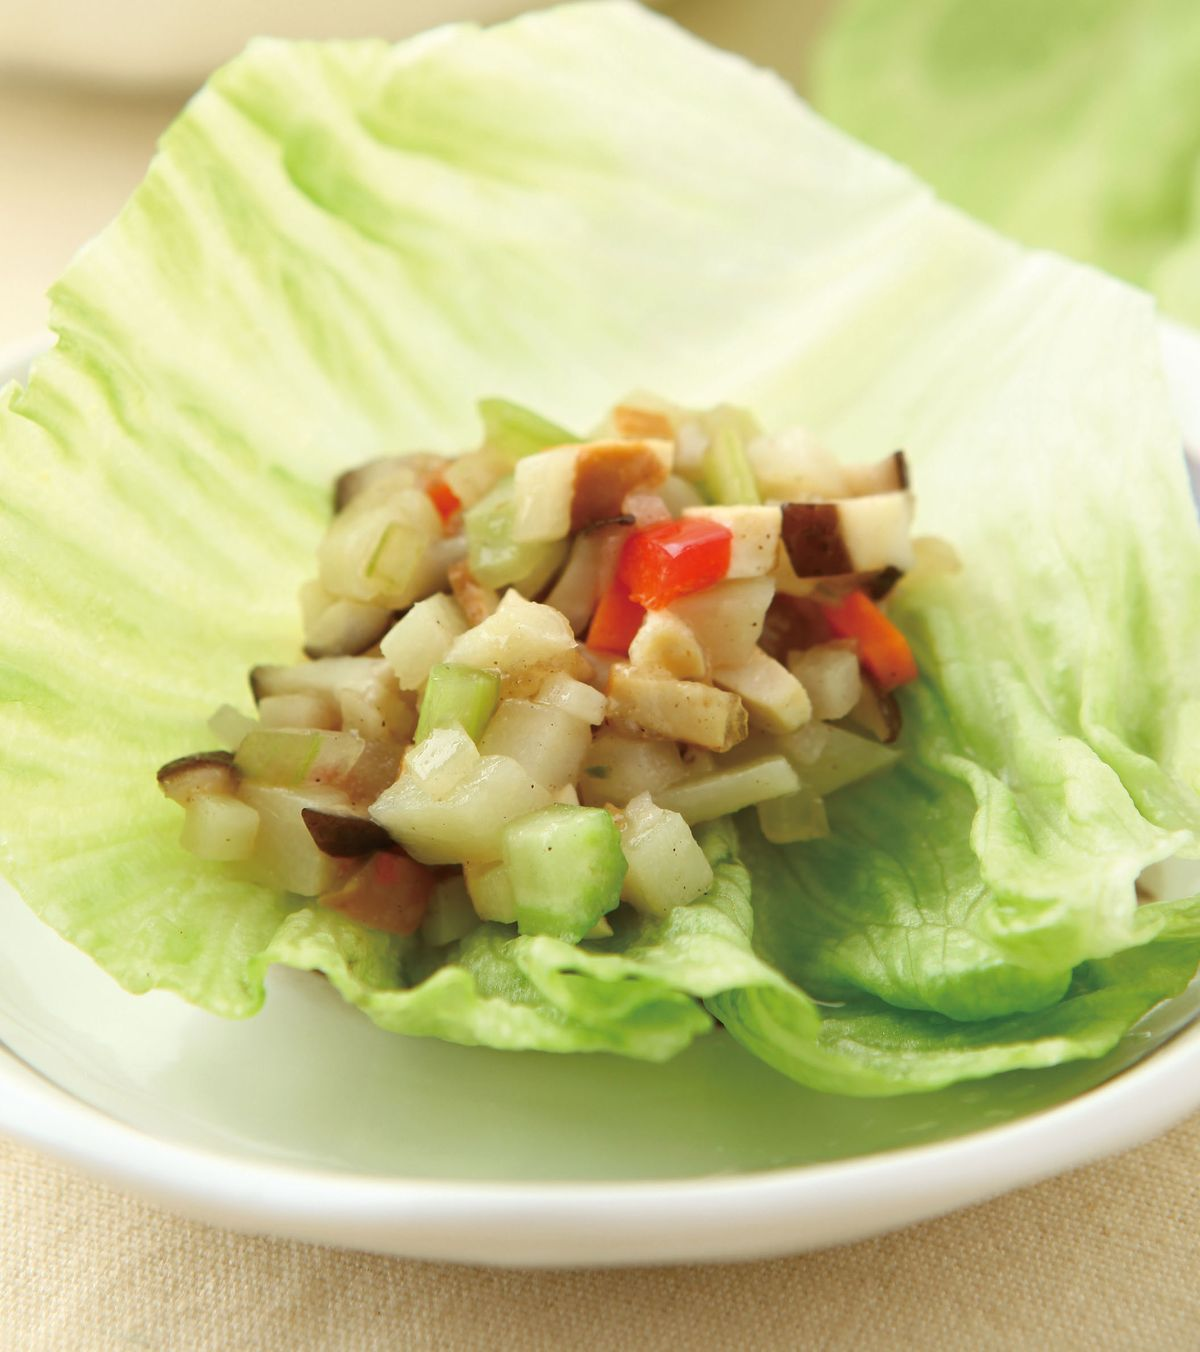 食譜:生菜蔬食香鬆